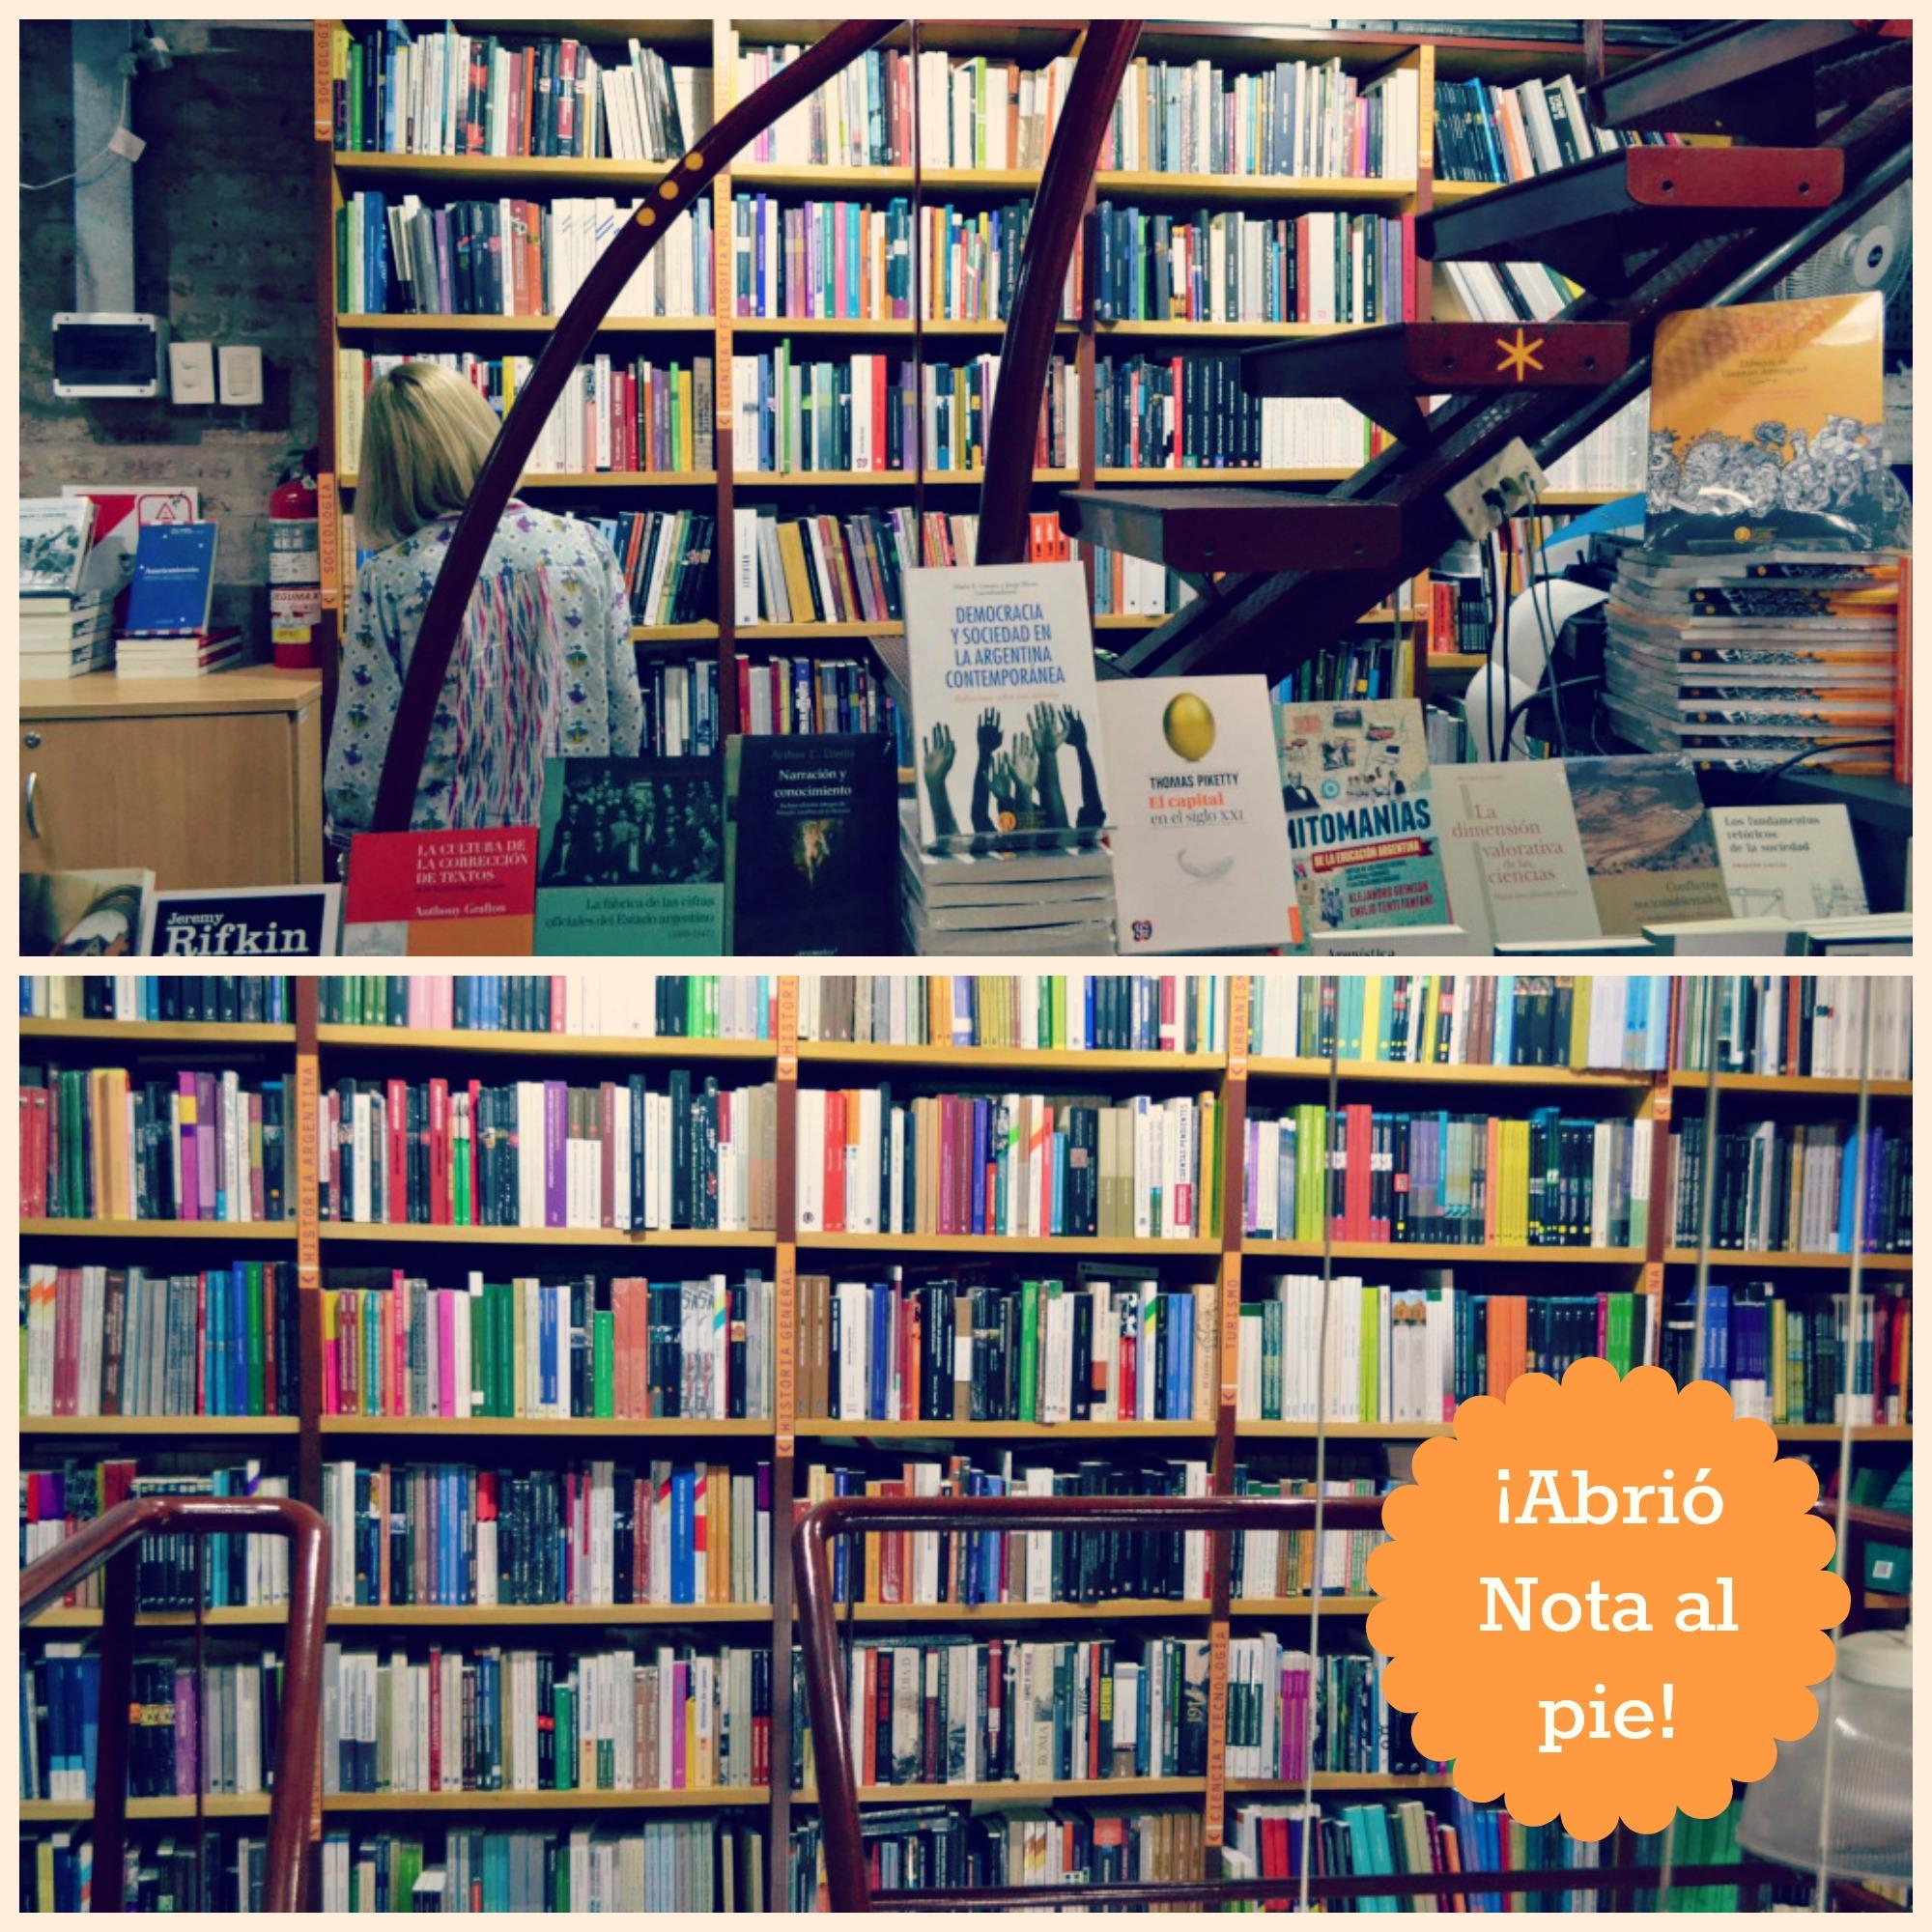 Libreria Nota al pie